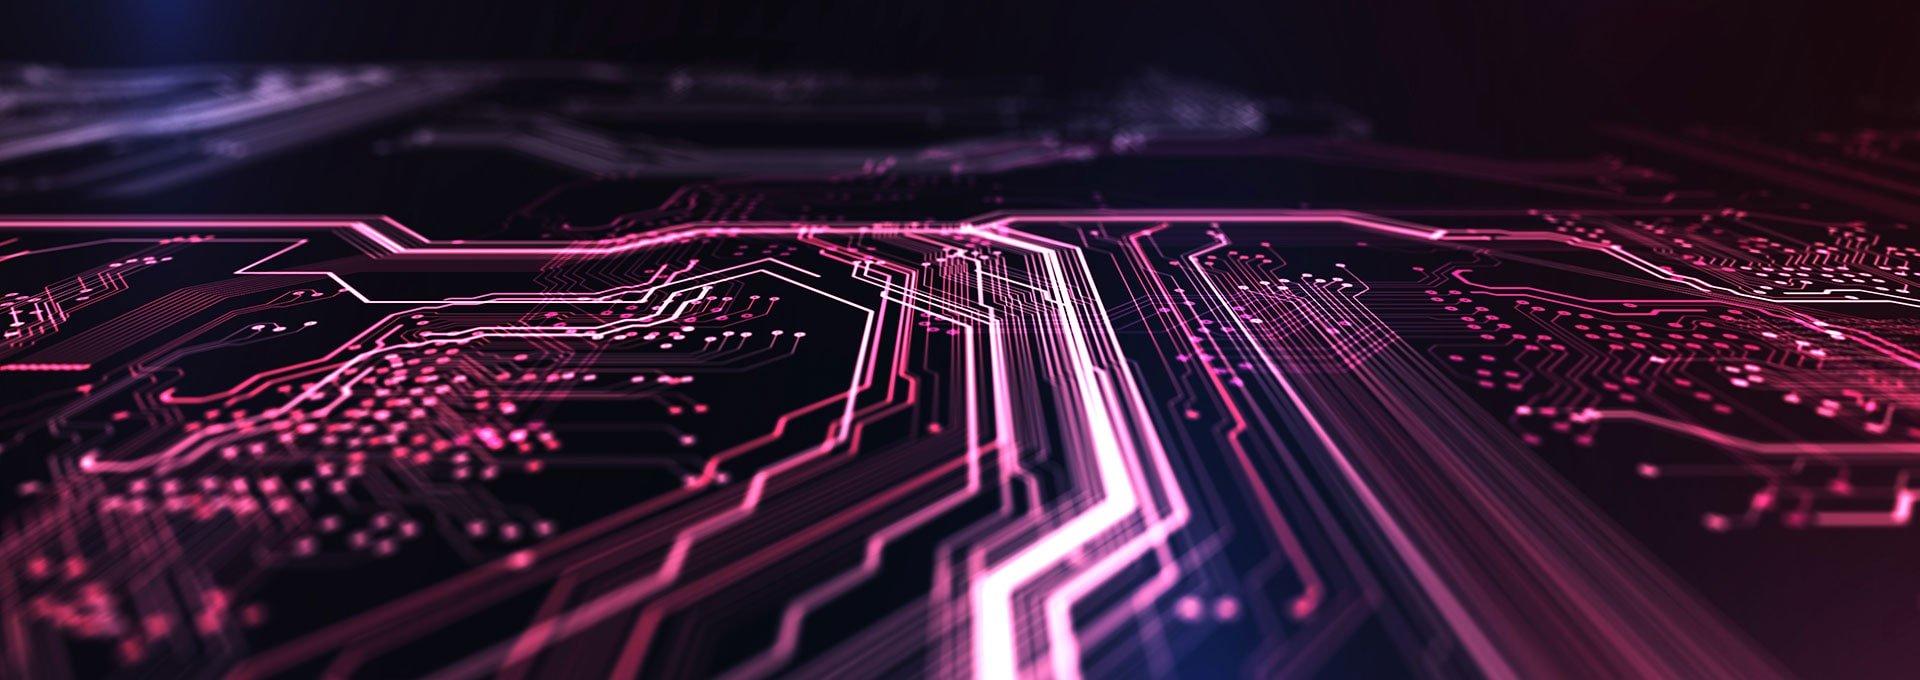 Fond de technologie rouge et bleu foncé avec circuit imprimé, code, et une forte ligne blanche au milieu. Une illustration en 3D.